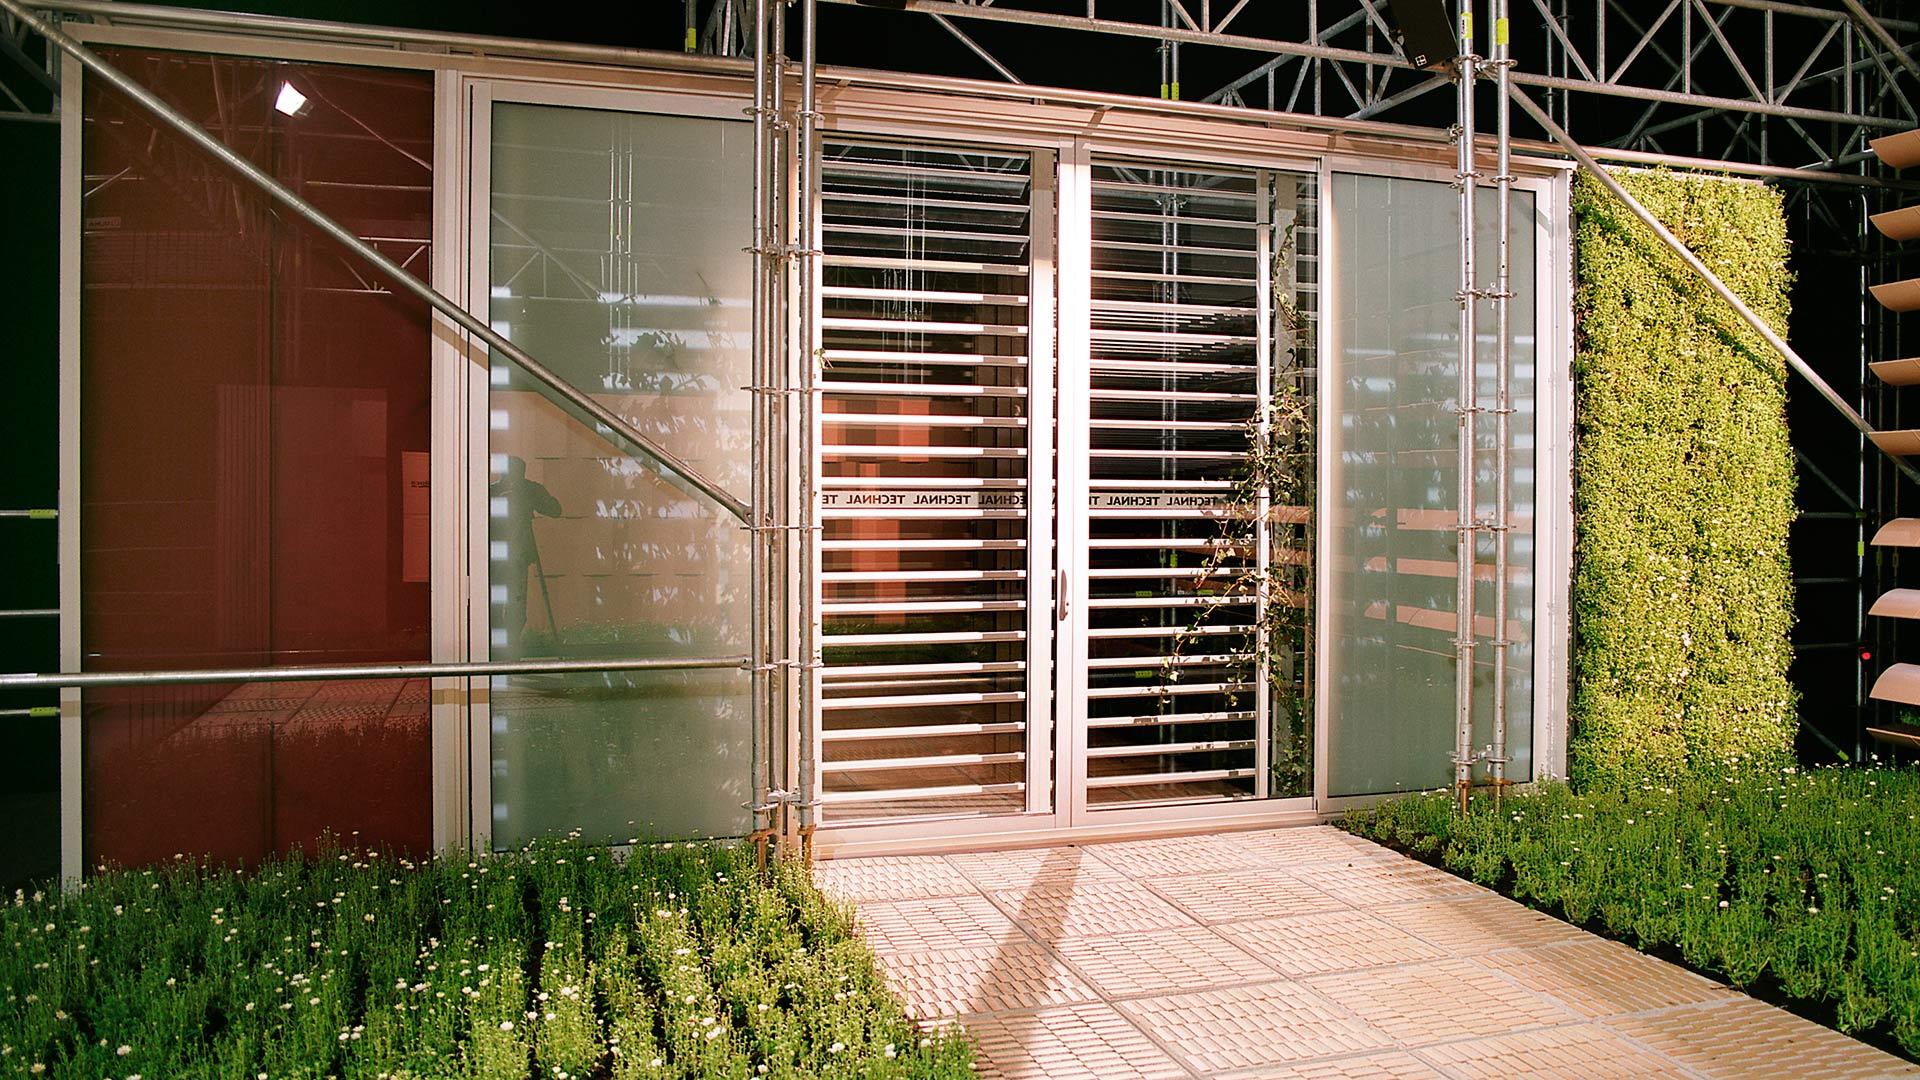 Investigación Sostenibilidad Estudio Arquitectura sostenible Picharchitects Barcelona